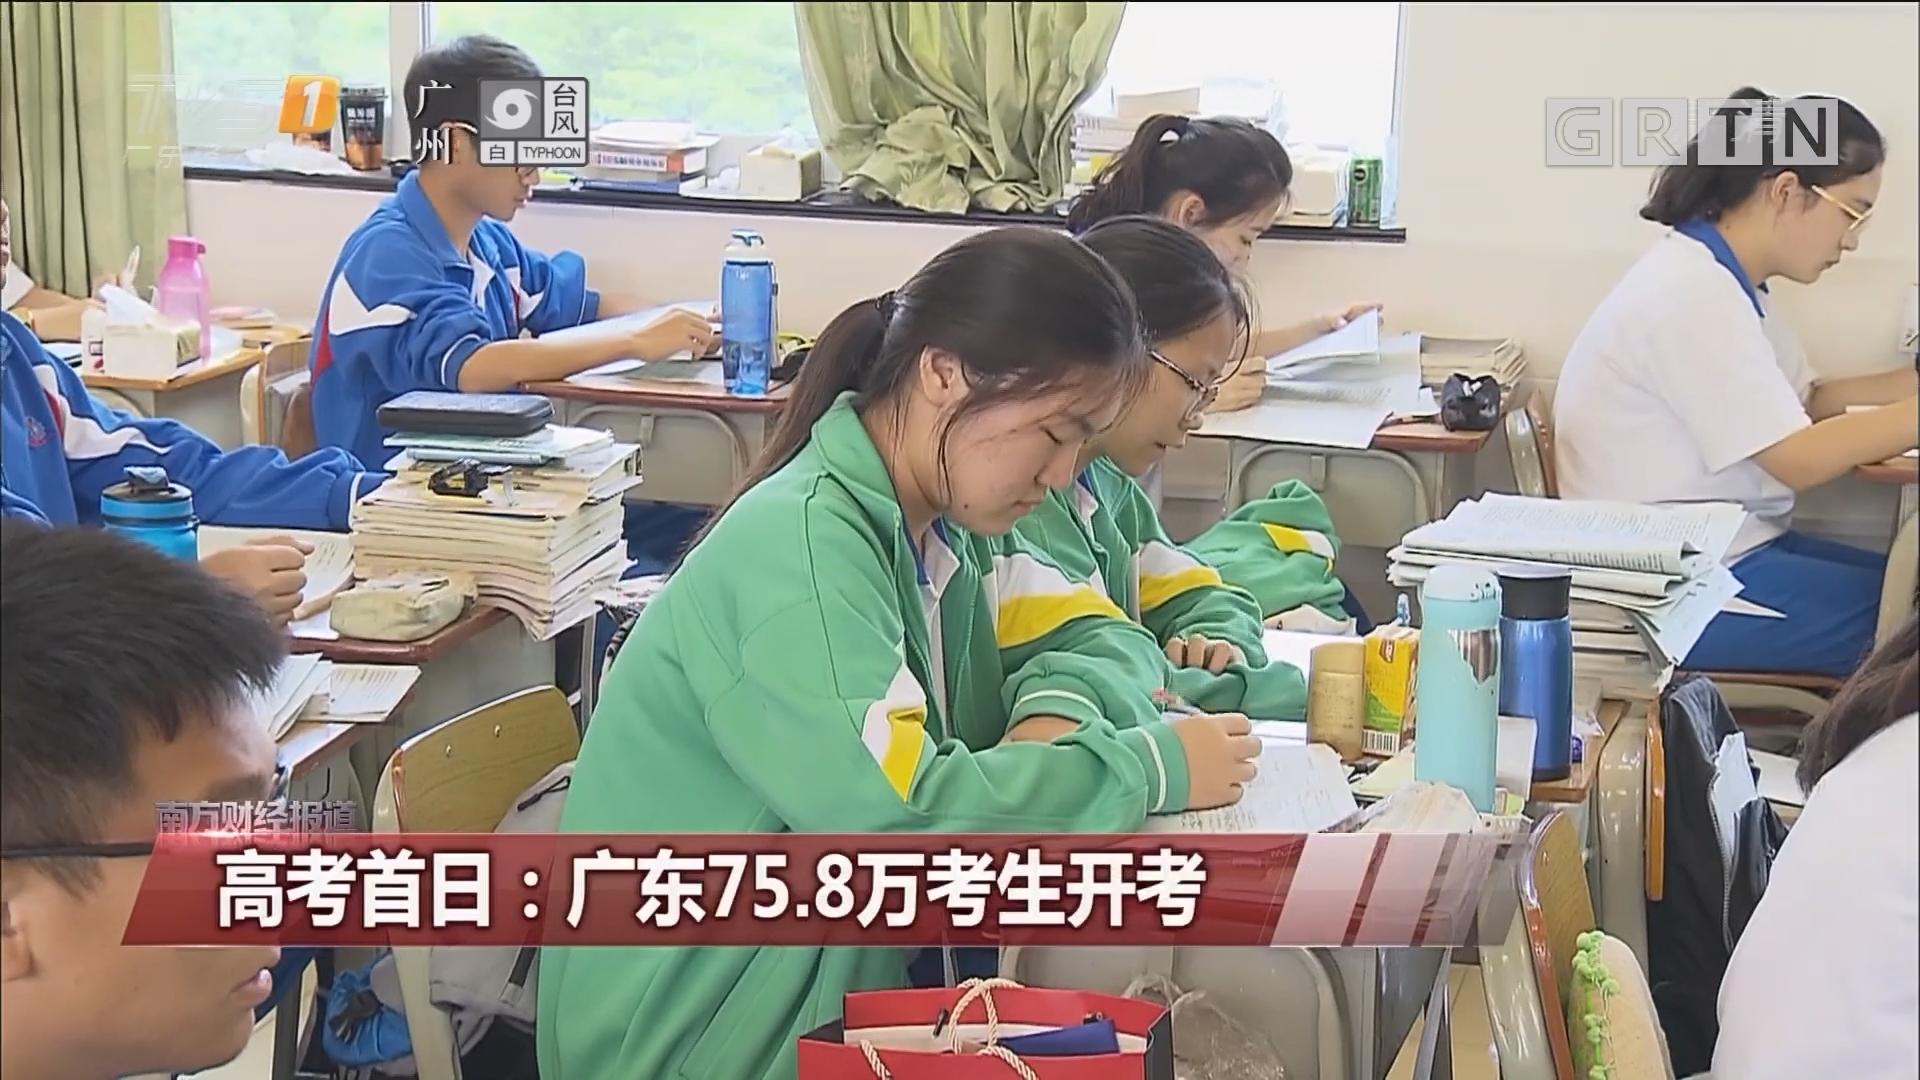 高考首日:广东75.8万考生开考